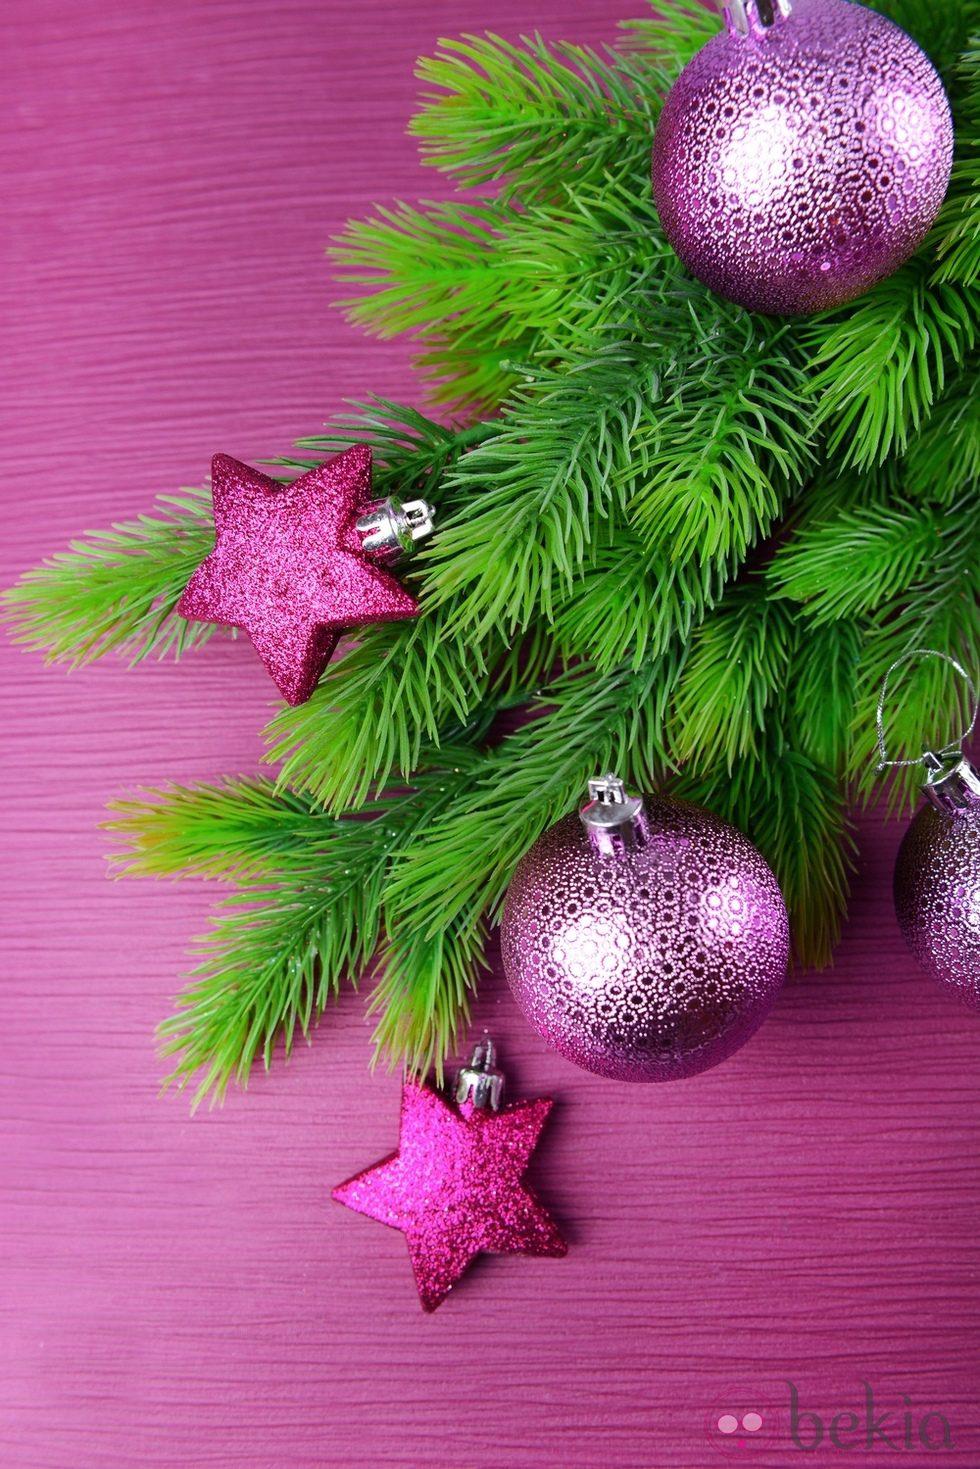 Rbol de navidad con decoraci n en color morado ideas - Arboles navidad decoracion ...